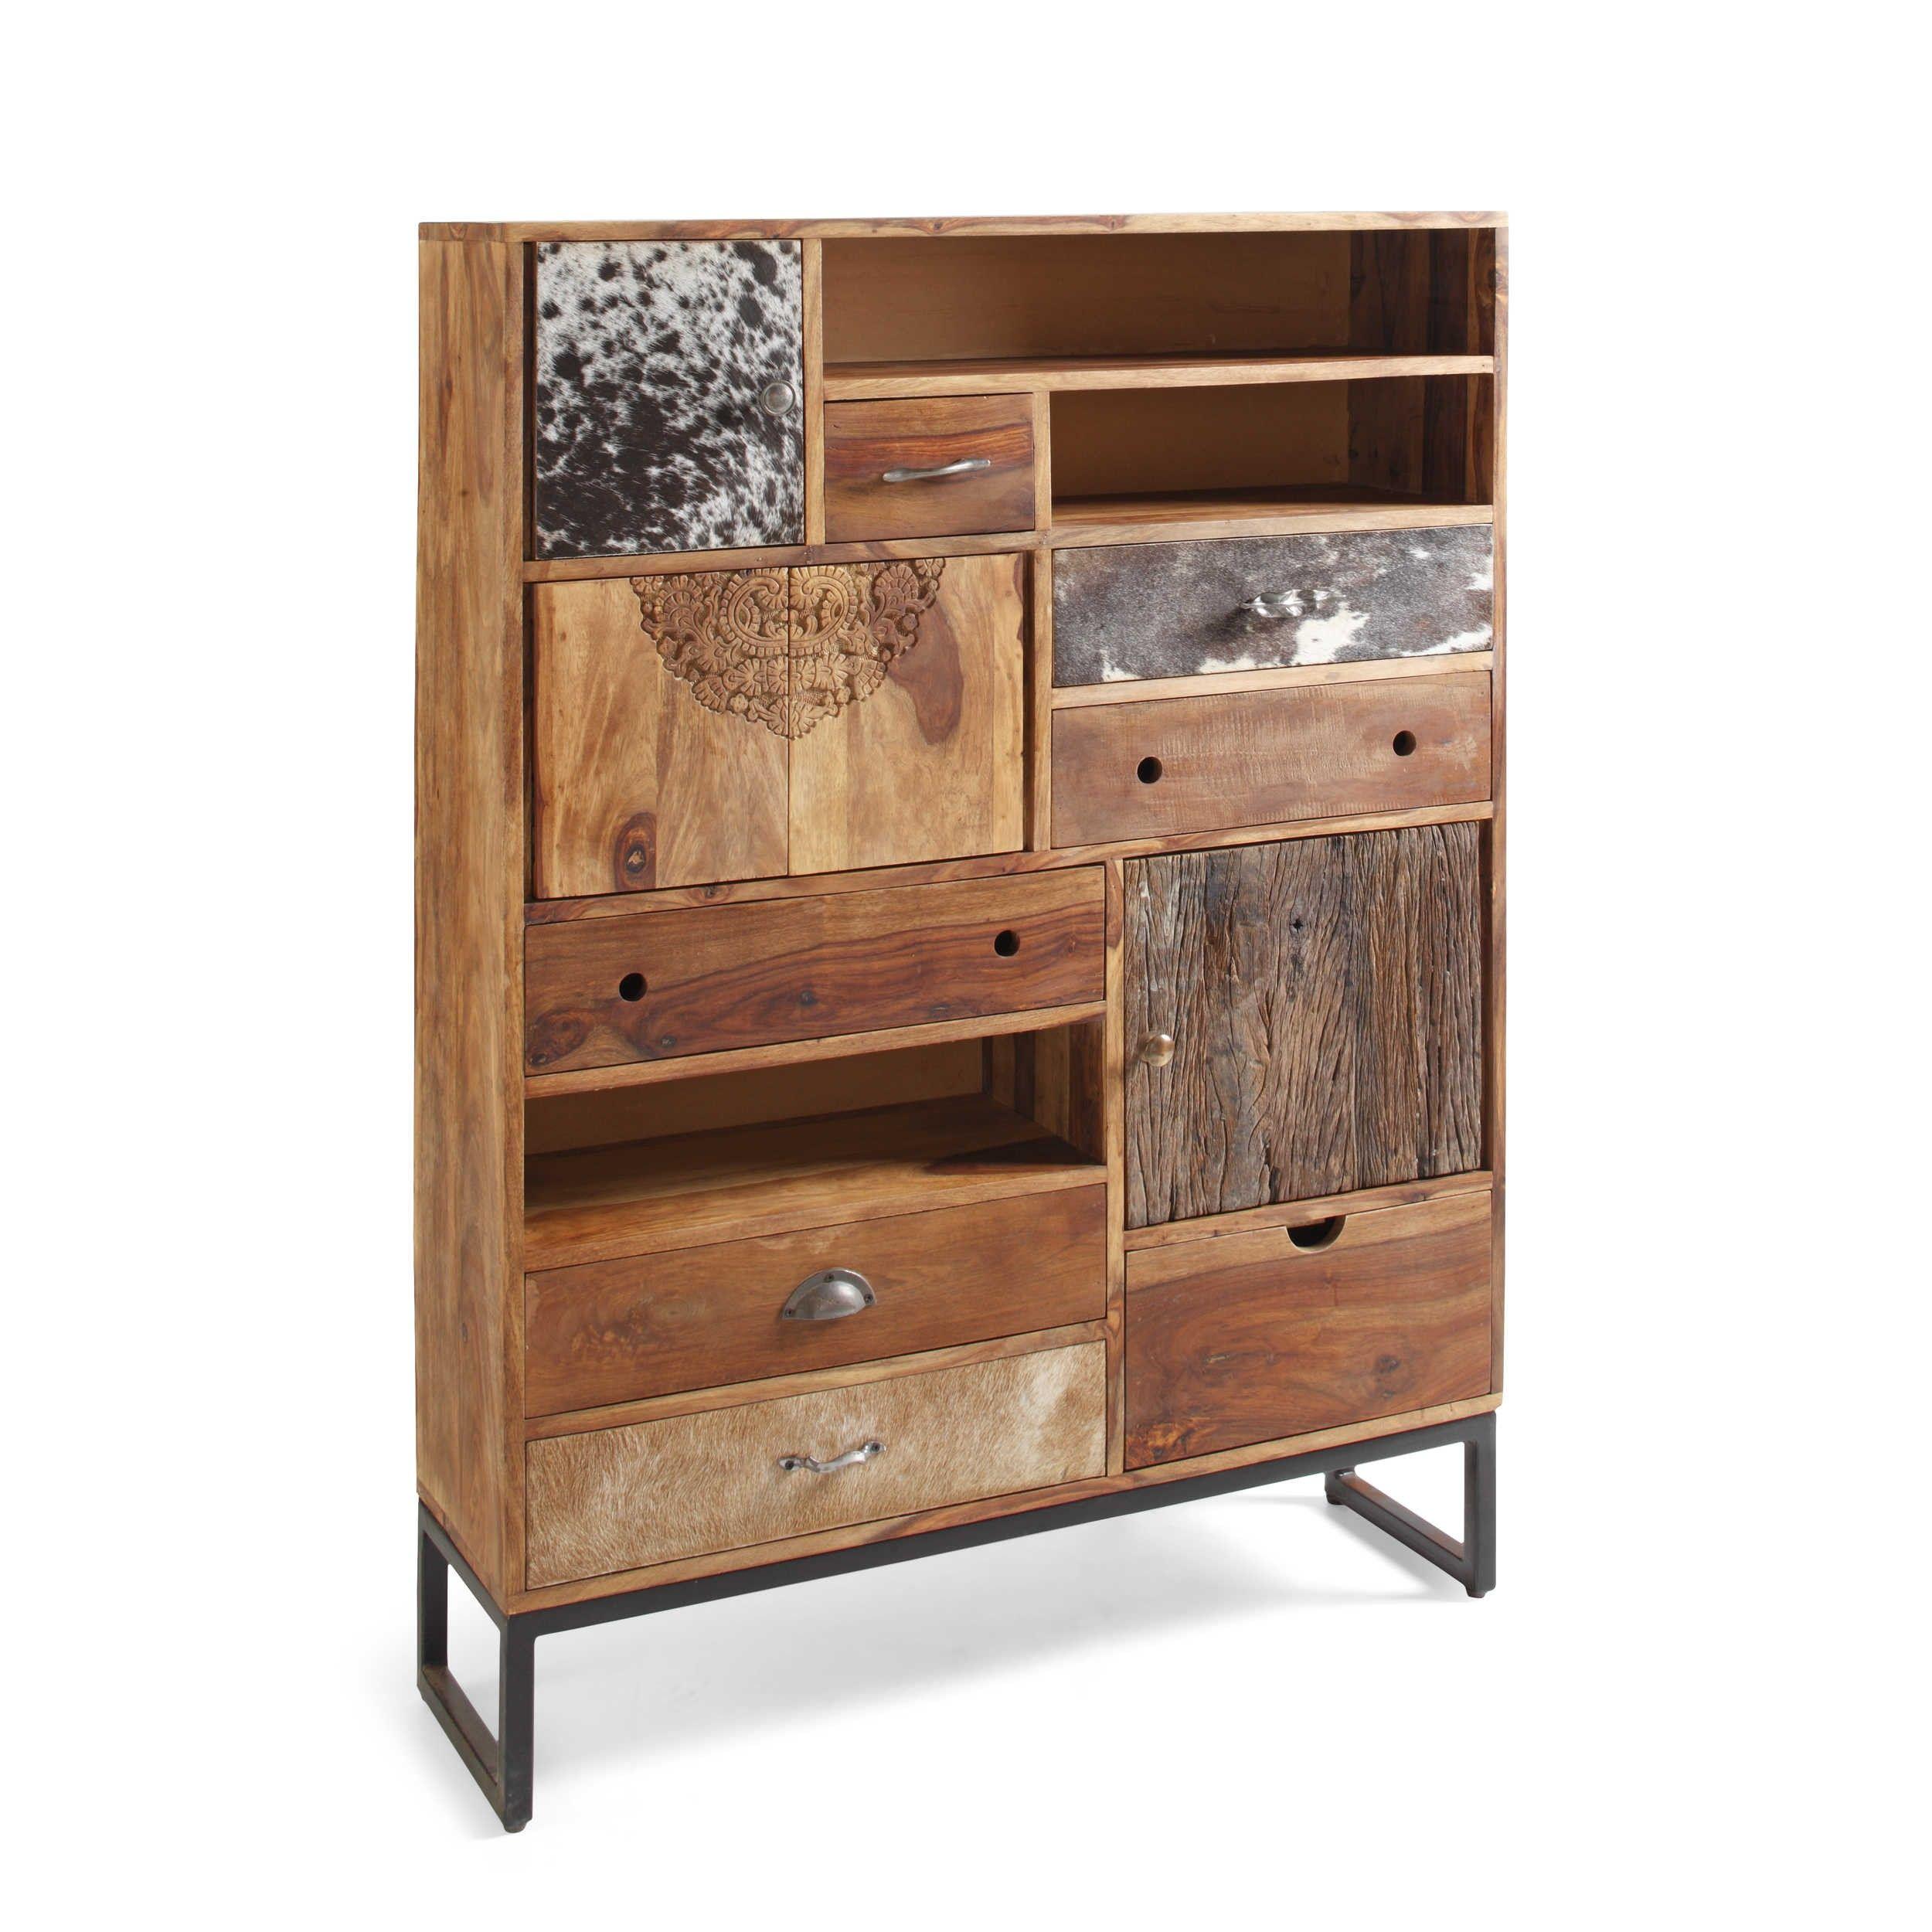 kare kommode rodeo sideboards kommoden kommoden esszimmer m bel alpenchic. Black Bedroom Furniture Sets. Home Design Ideas